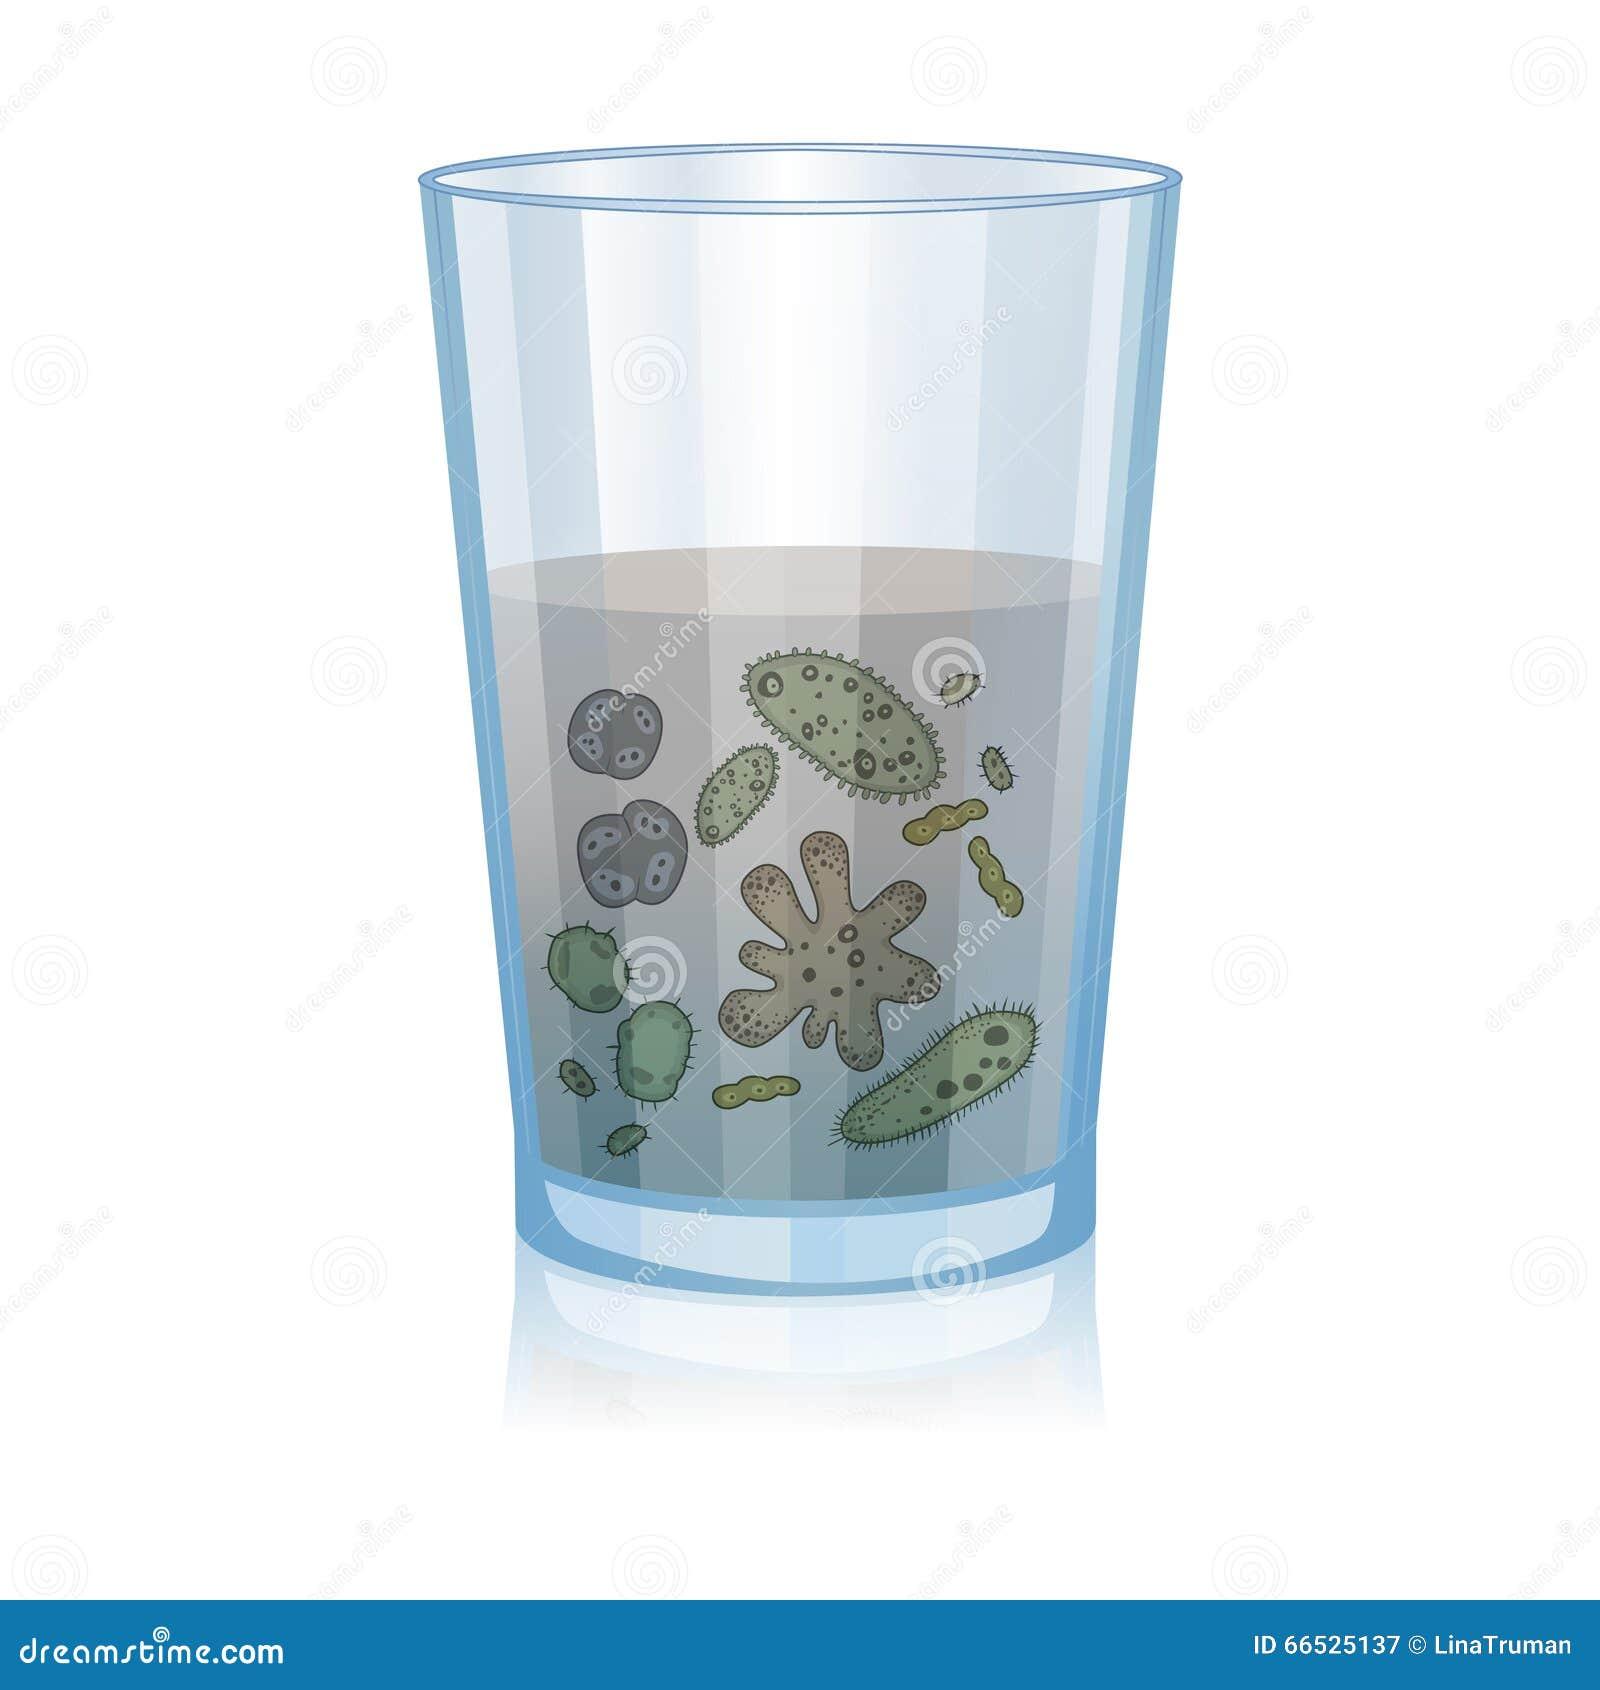 Glas mit Schmutzwasser, Bakterien, Wissenschaftsmikrobiologie